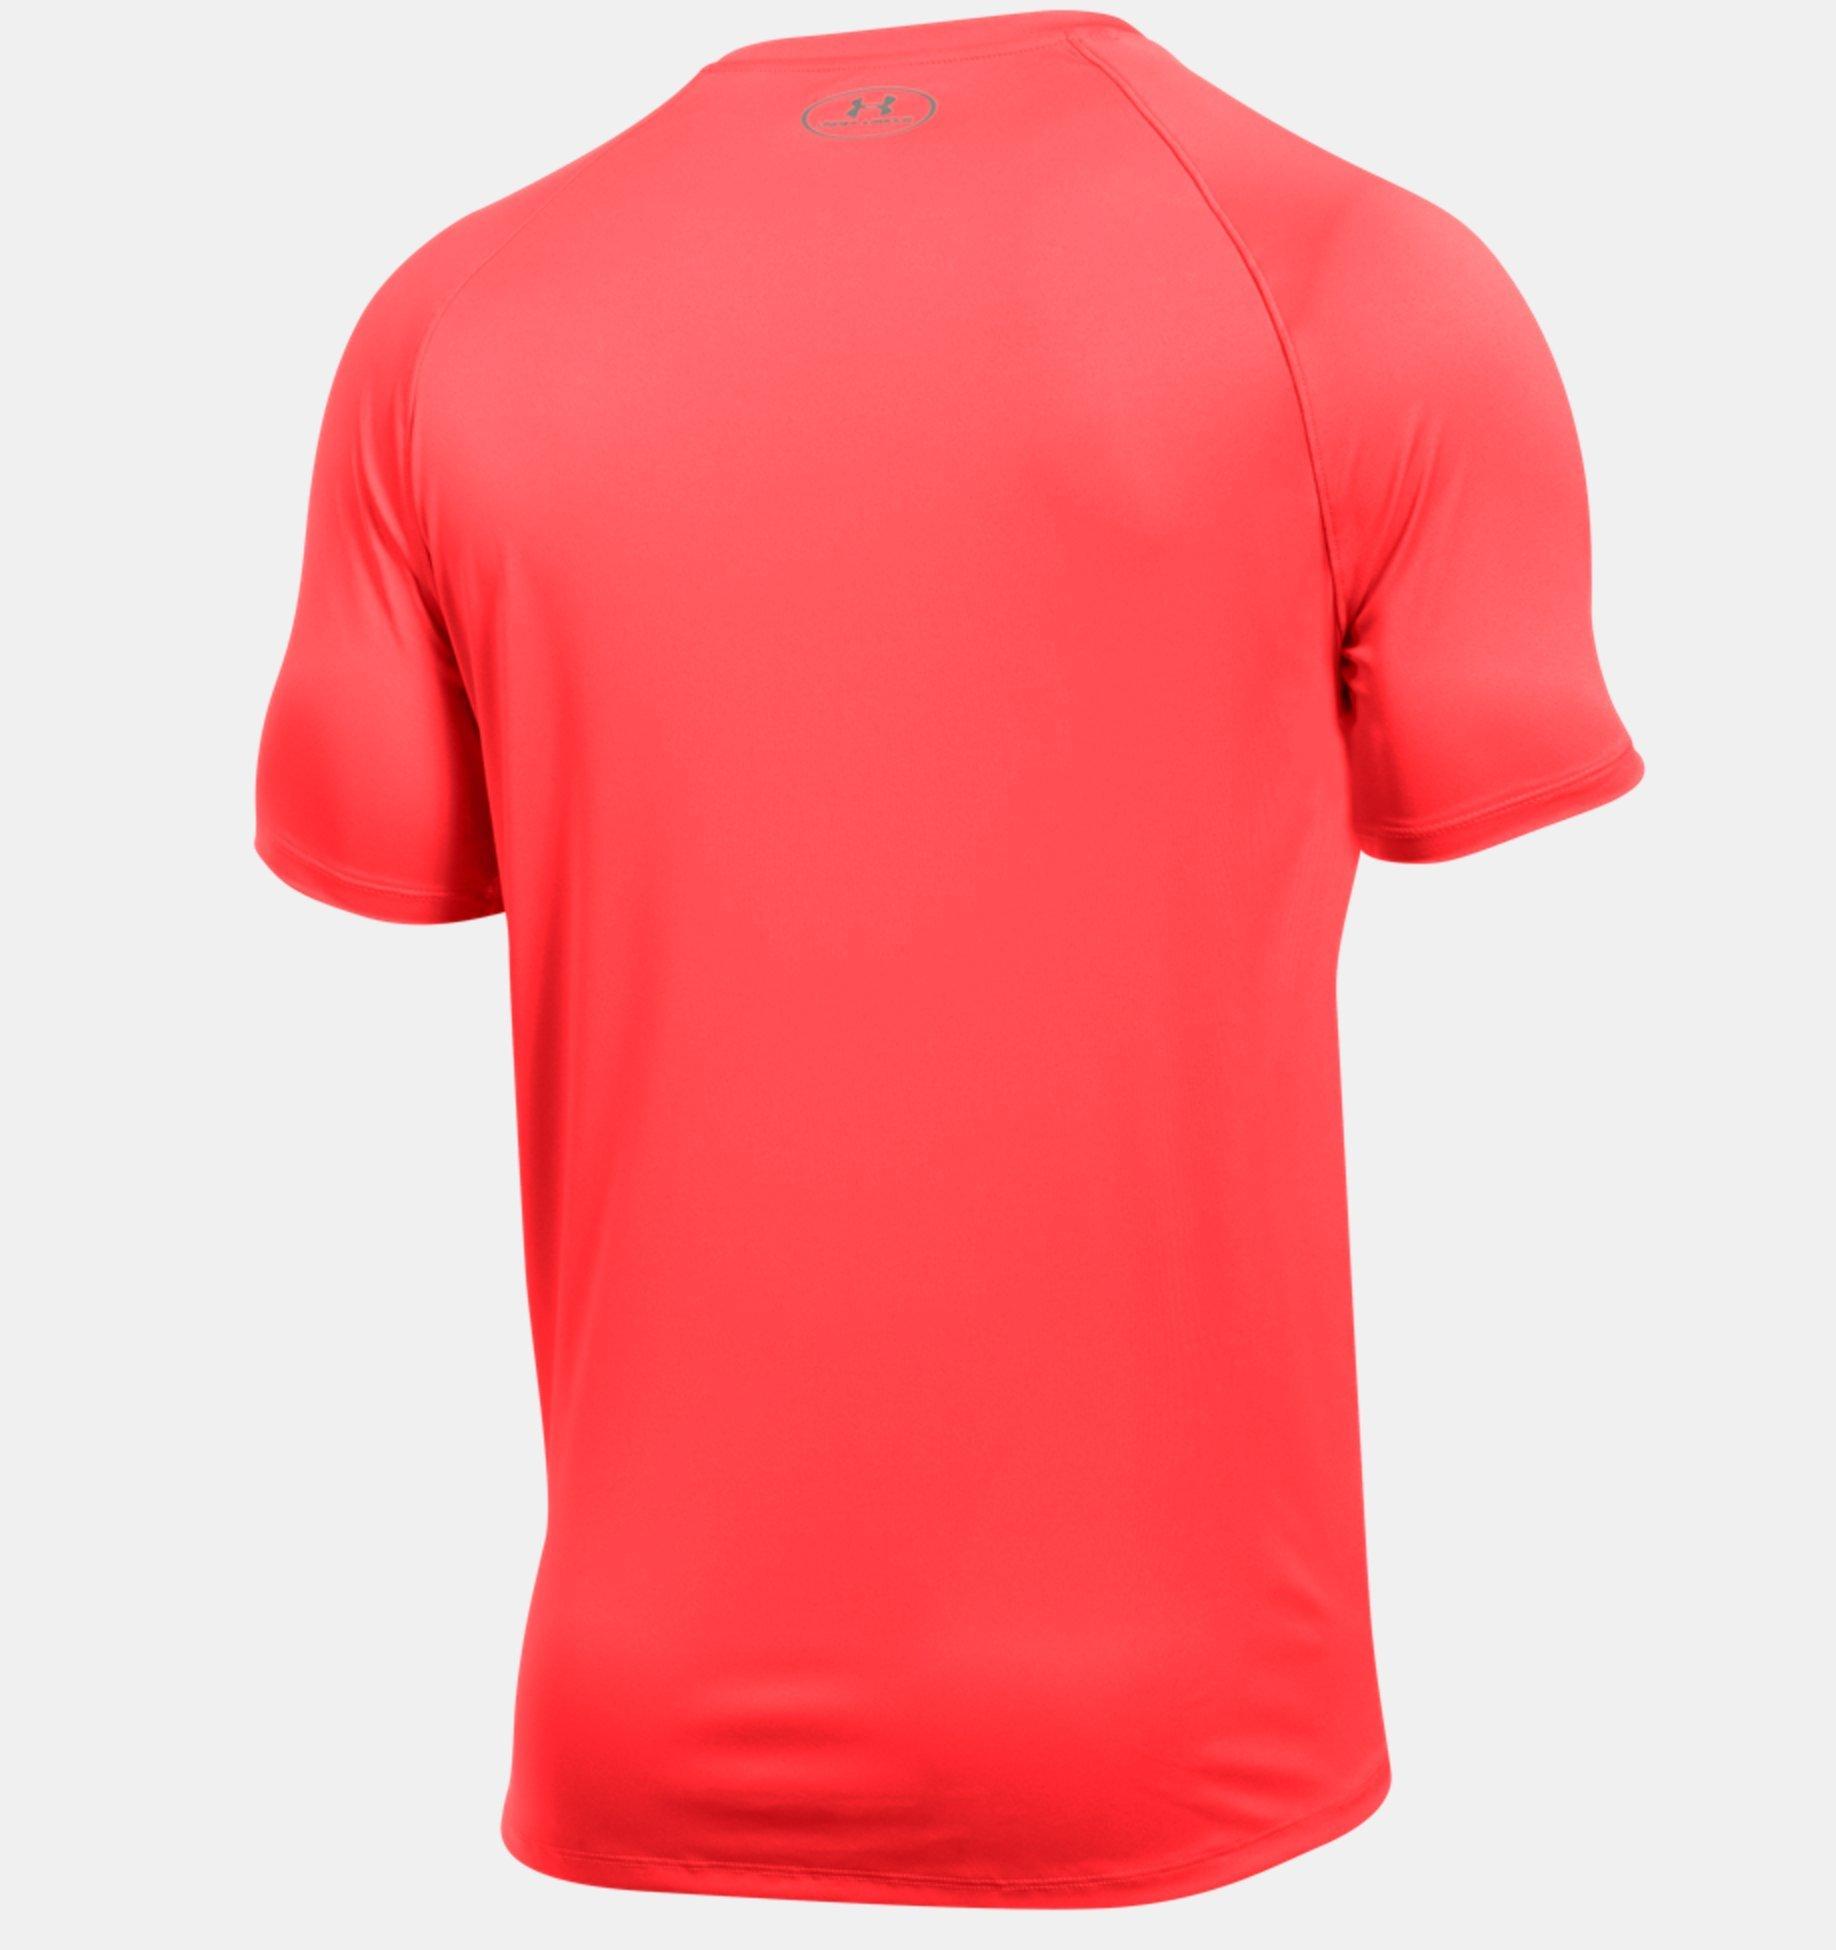 Under Armour Men's Speed Stride Short Sleeve, Marathon Red, X-Large